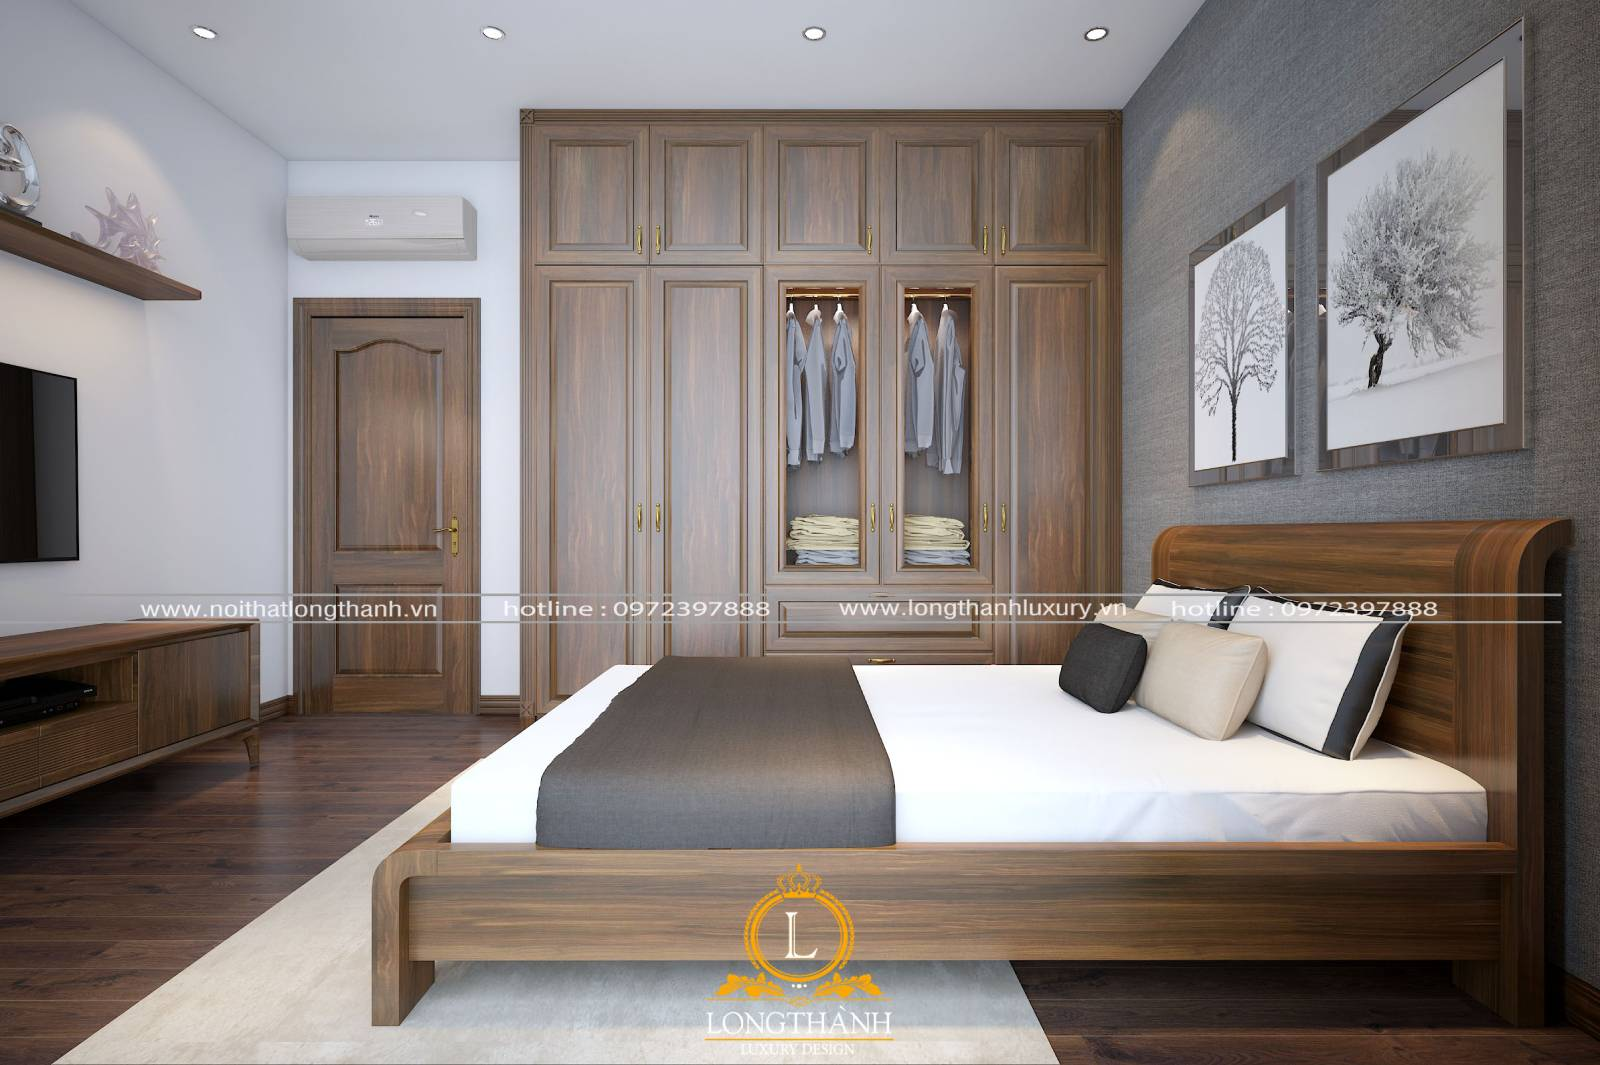 Thiết kế phòng ngủ mang lại sự tiện lợi thoải mái cho gia chủ khi sử dụng